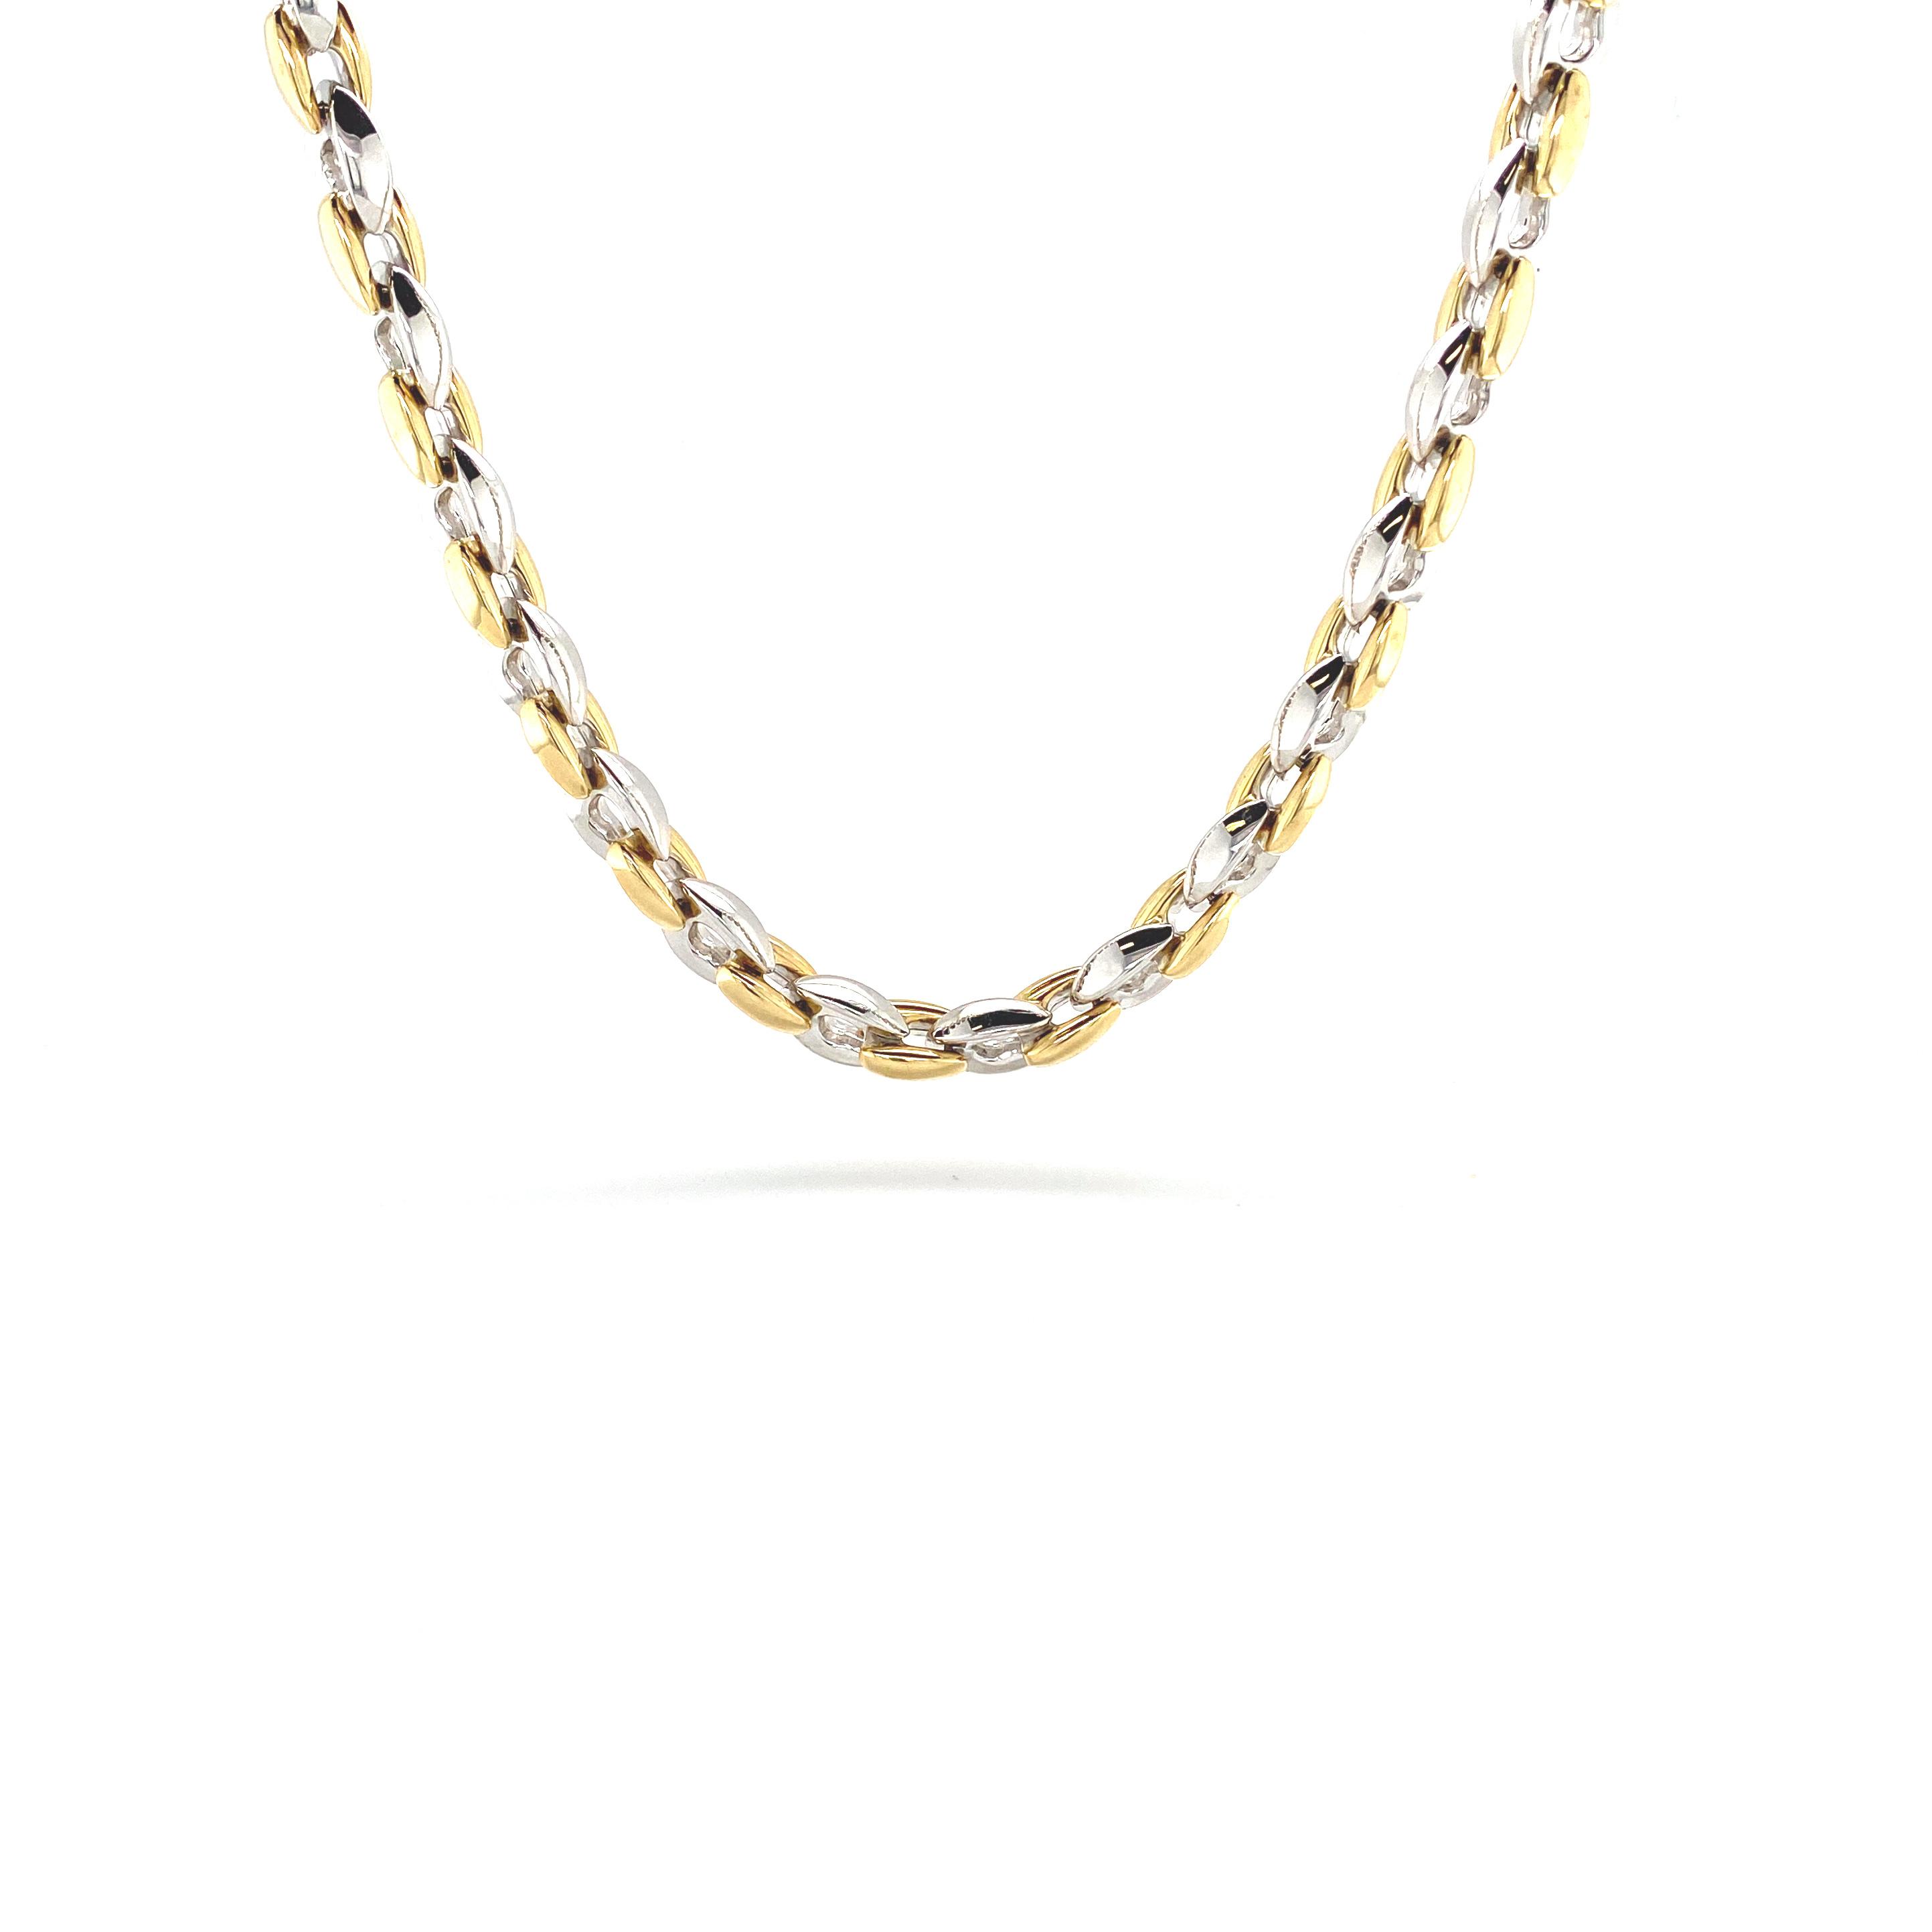 Weihnachten Geschenke_Goldkette Bicolor_Juwelier Silvia Brandstetter Wien